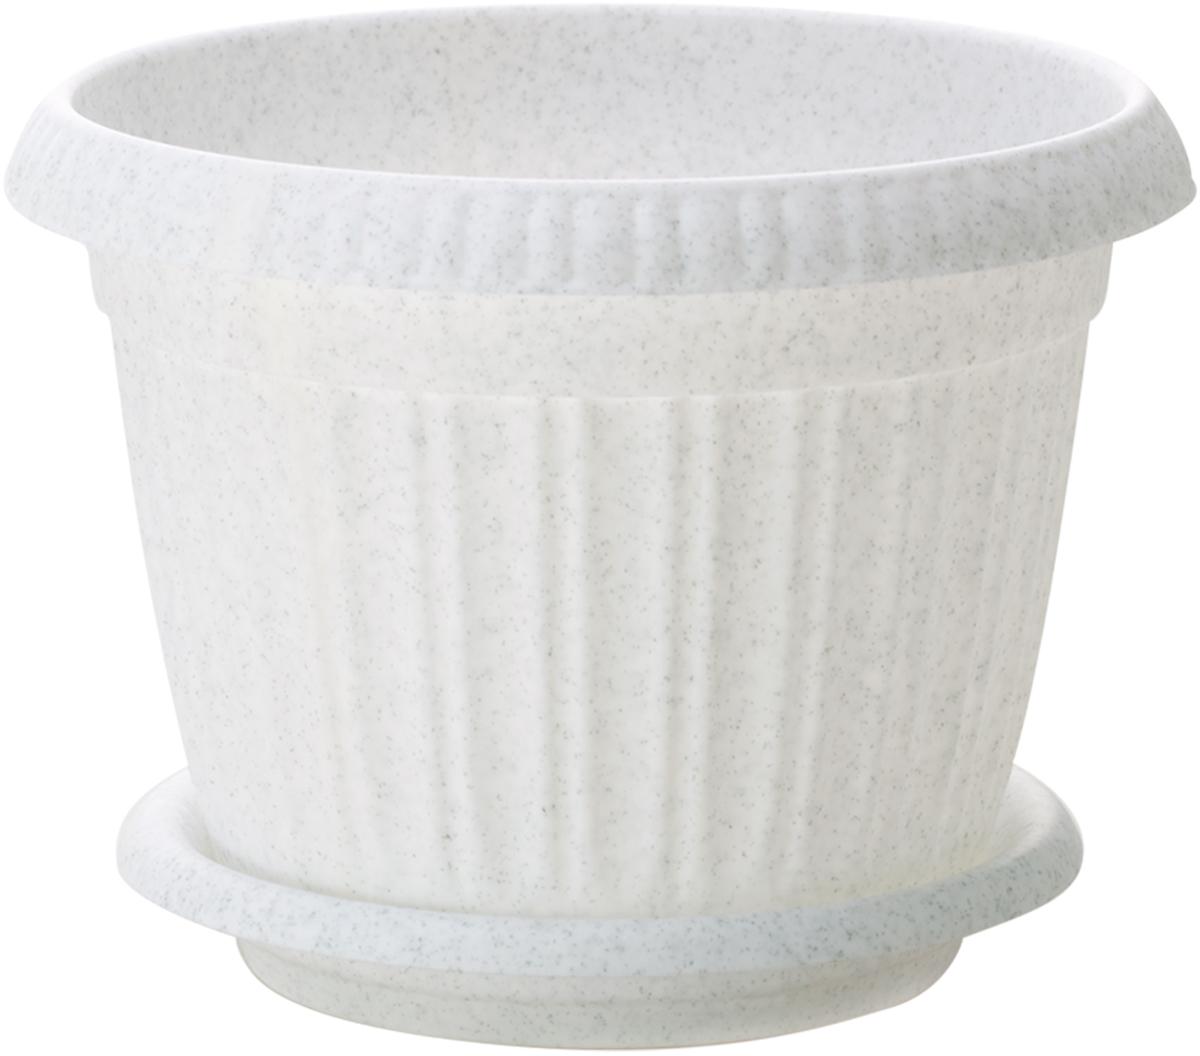 Горшок для цветов InGreen Таити, с подставкой, цвет: мраморный, диаметр 16 смING41016FМРЛюбой, даже самый современный и продуманный интерьер будет не завершённым без растений. Они не только очищают воздух и насыщают его кислородом, но и заметно украшают окружающее пространство. Такому полезному &laquo члену семьи&raquoпросто необходимо красивое и функциональное кашпо, оригинальный горшок или необычная ваза! Мы предлагаем - Горшок для цветов с поддоном d=16 см Таити, цвет мраморный !Оптимальный выбор материала &mdash &nbsp пластмасса! Почему мы так считаем? Малый вес. С лёгкостью переносите горшки и кашпо с места на место, ставьте их на столики или полки, подвешивайте под потолок, не беспокоясь о нагрузке. Простота ухода. Пластиковые изделия не нуждаются в специальных условиях хранения. Их&nbsp легко чистить &mdashдостаточно просто сполоснуть тёплой водой. Никаких царапин. Пластиковые кашпо не царапают и не загрязняют поверхности, на которых стоят. Пластик дольше хранит влагу, а значит &mdashрастение реже нуждается в поливе. Пластмасса не пропускает воздух &mdashкорневой системе растения не грозят резкие перепады температур. Огромный выбор форм, декора и расцветок &mdashвы без труда подберёте что-то, что идеально впишется в уже существующий интерьер.Соблюдая нехитрые правила ухода, вы можете заметно продлить срок службы горшков, вазонов и кашпо из пластика: всегда учитывайте размер кроны и корневой системы растения (при разрастании большое растение способно повредить маленький горшок)берегите изделие от воздействия прямых солнечных лучей, чтобы кашпо и горшки не выцветалидержите кашпо и горшки из пластика подальше от нагревающихся поверхностей.Создавайте прекрасные цветочные композиции, выращивайте рассаду или необычные растения, а низкие цены позволят вам не ограничивать себя в выборе.